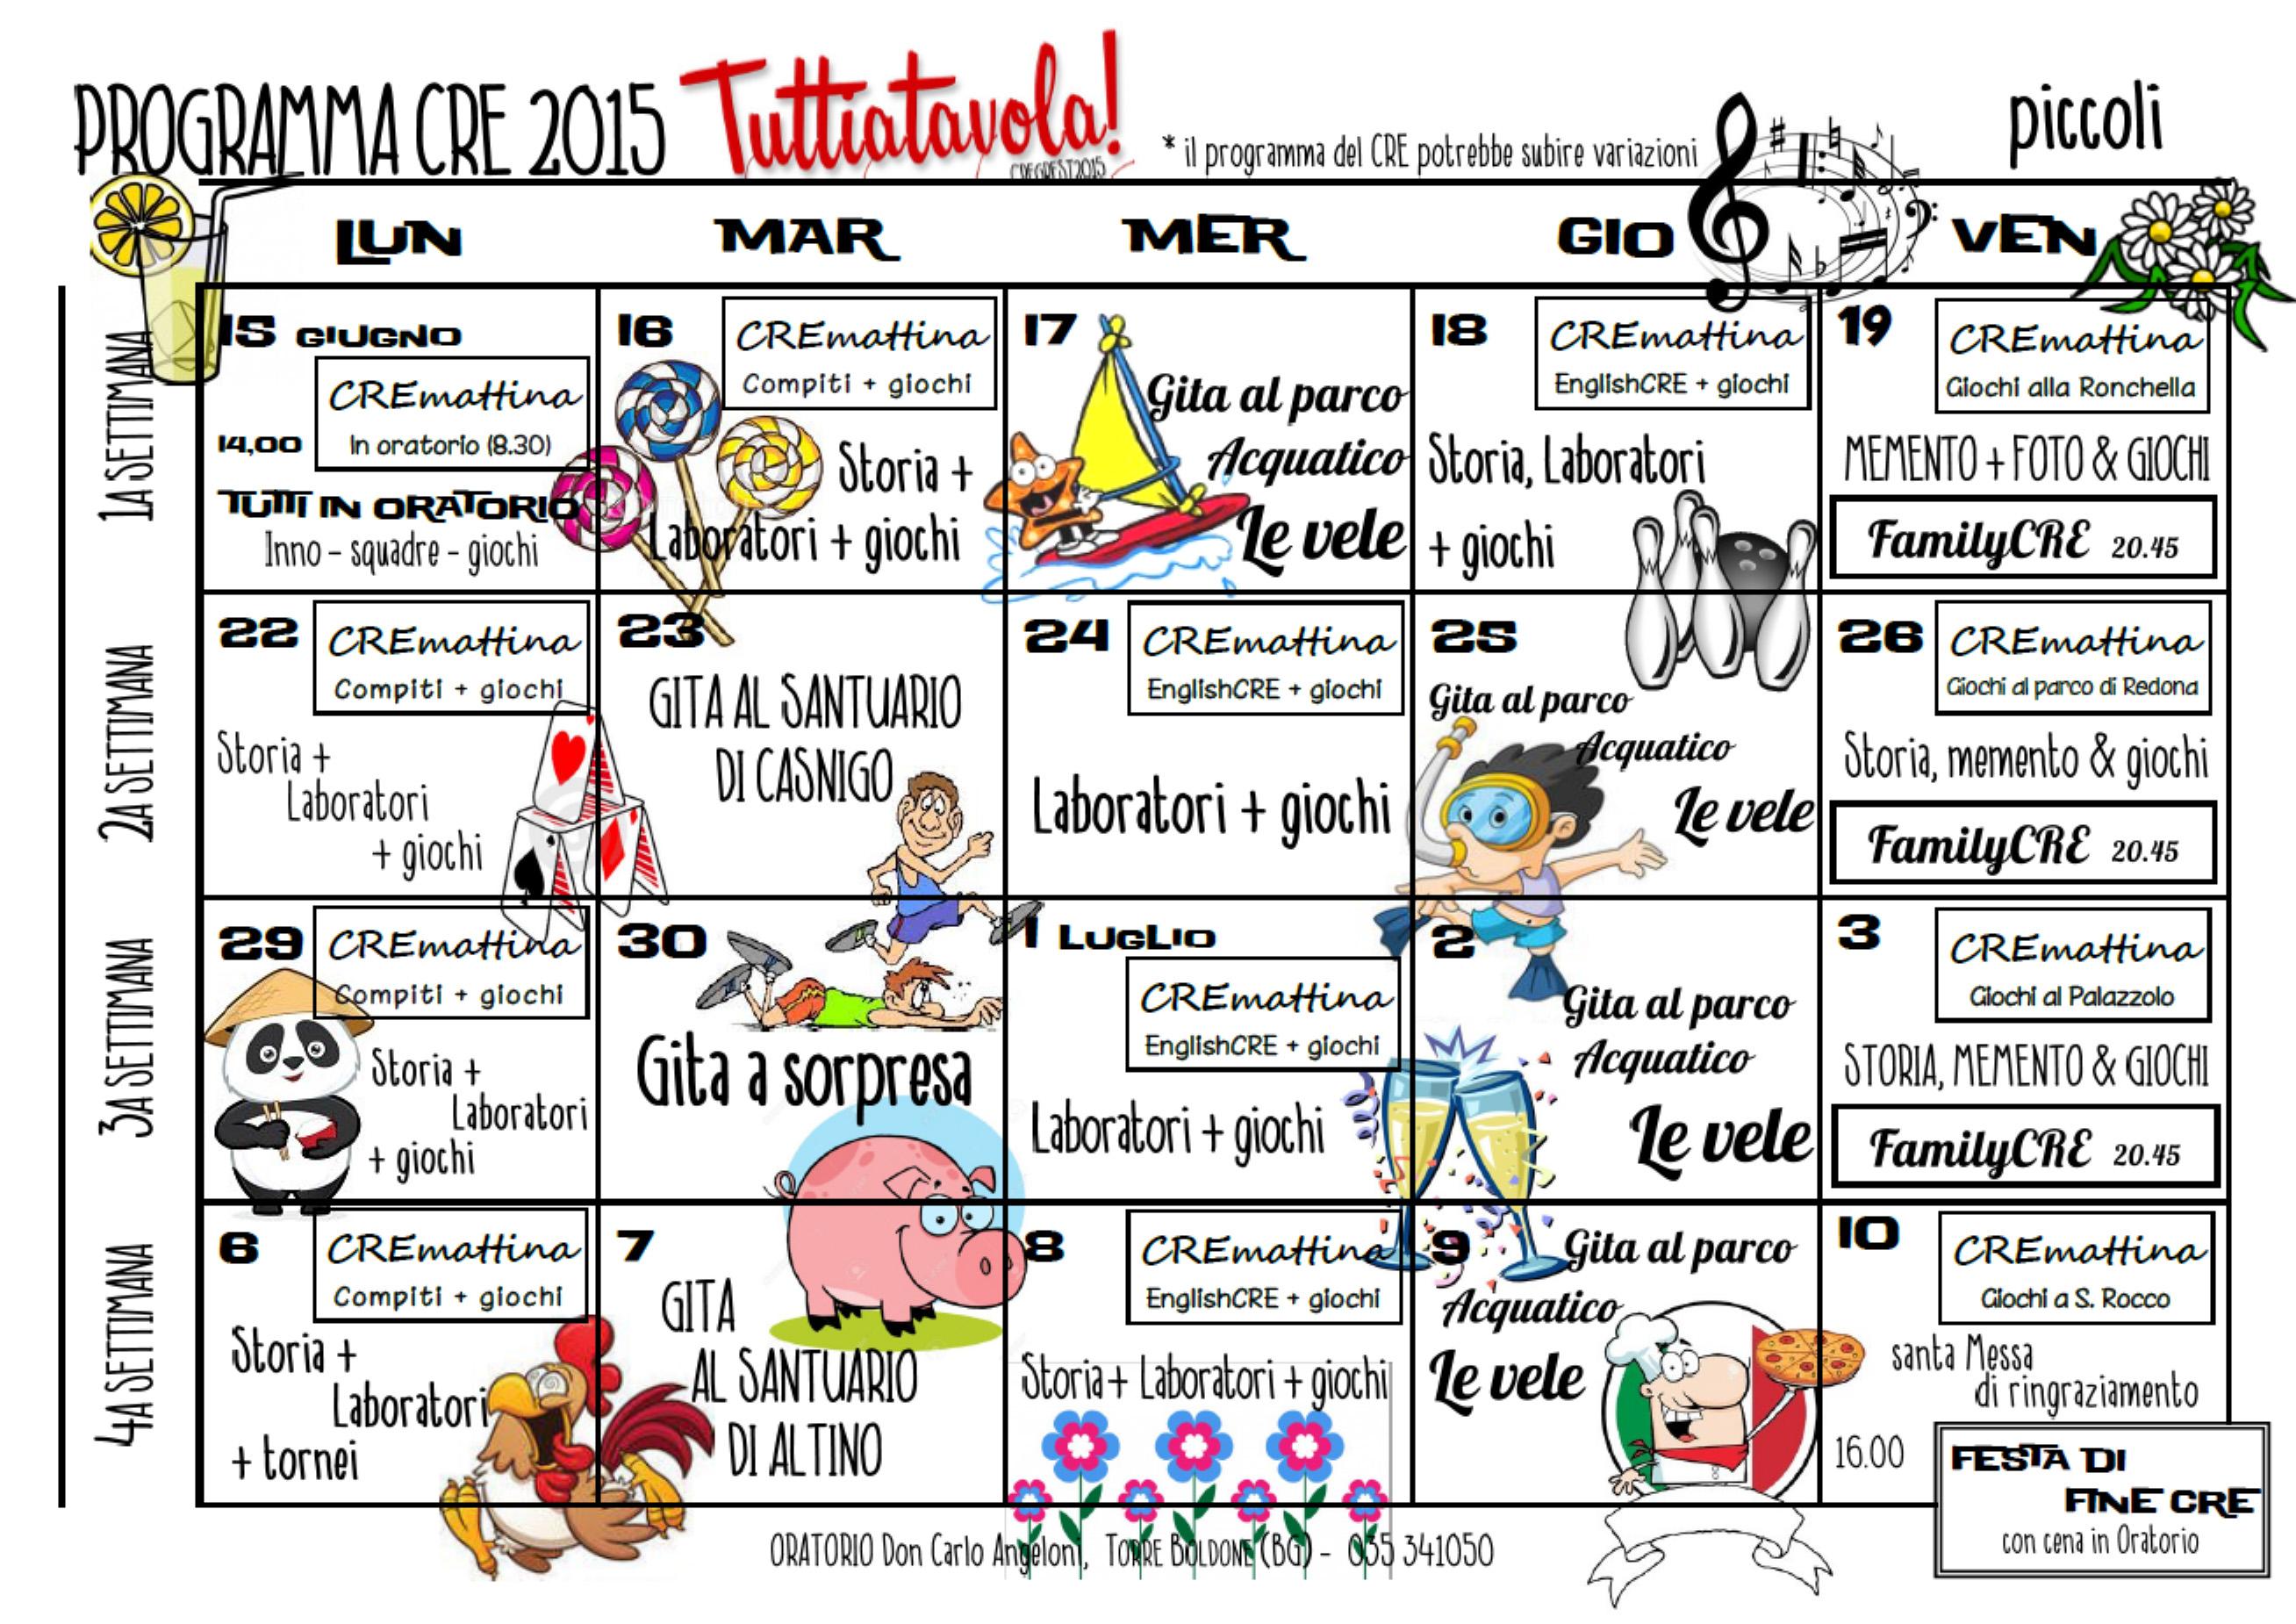 CRE 2015 -programma piccoli